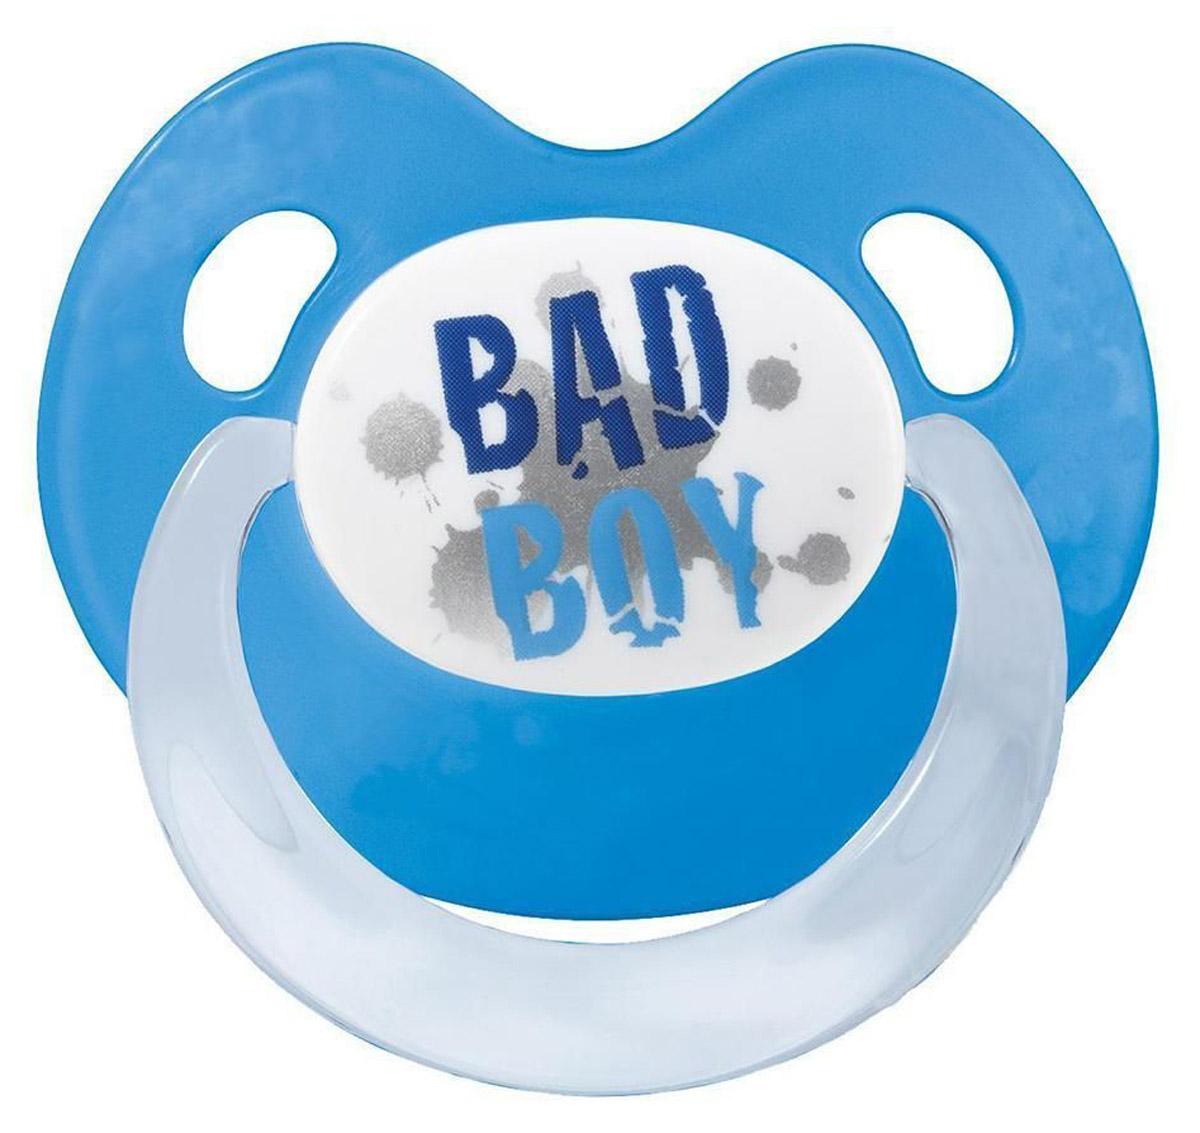 Bibi Пустышка силиконовая Bad Boy от 16 месяцев112373_синийПустышка силиконовая Bibi Bad Boy предназначена для детей от 16 месяцев. Размер соски разработан в соответствии с возрастом ребенка. Ортодонтическая форма соски способствует естественному развитию неба и челюсти. Анатомическая форма нагубника повторяет форму рта и обеспечивает удобство при движении нижней челюсти. Дополнительную безопасность обеспечивают два вентиляционных отверстия. Все материалы абсолютно безопасны для здоровья ребенка. Силиконовая пустышка Bibi Bad Boy - это модный аксессуар, сочетающий качество, функциональность и положительные эмоции. Не содержит бисфенол А.